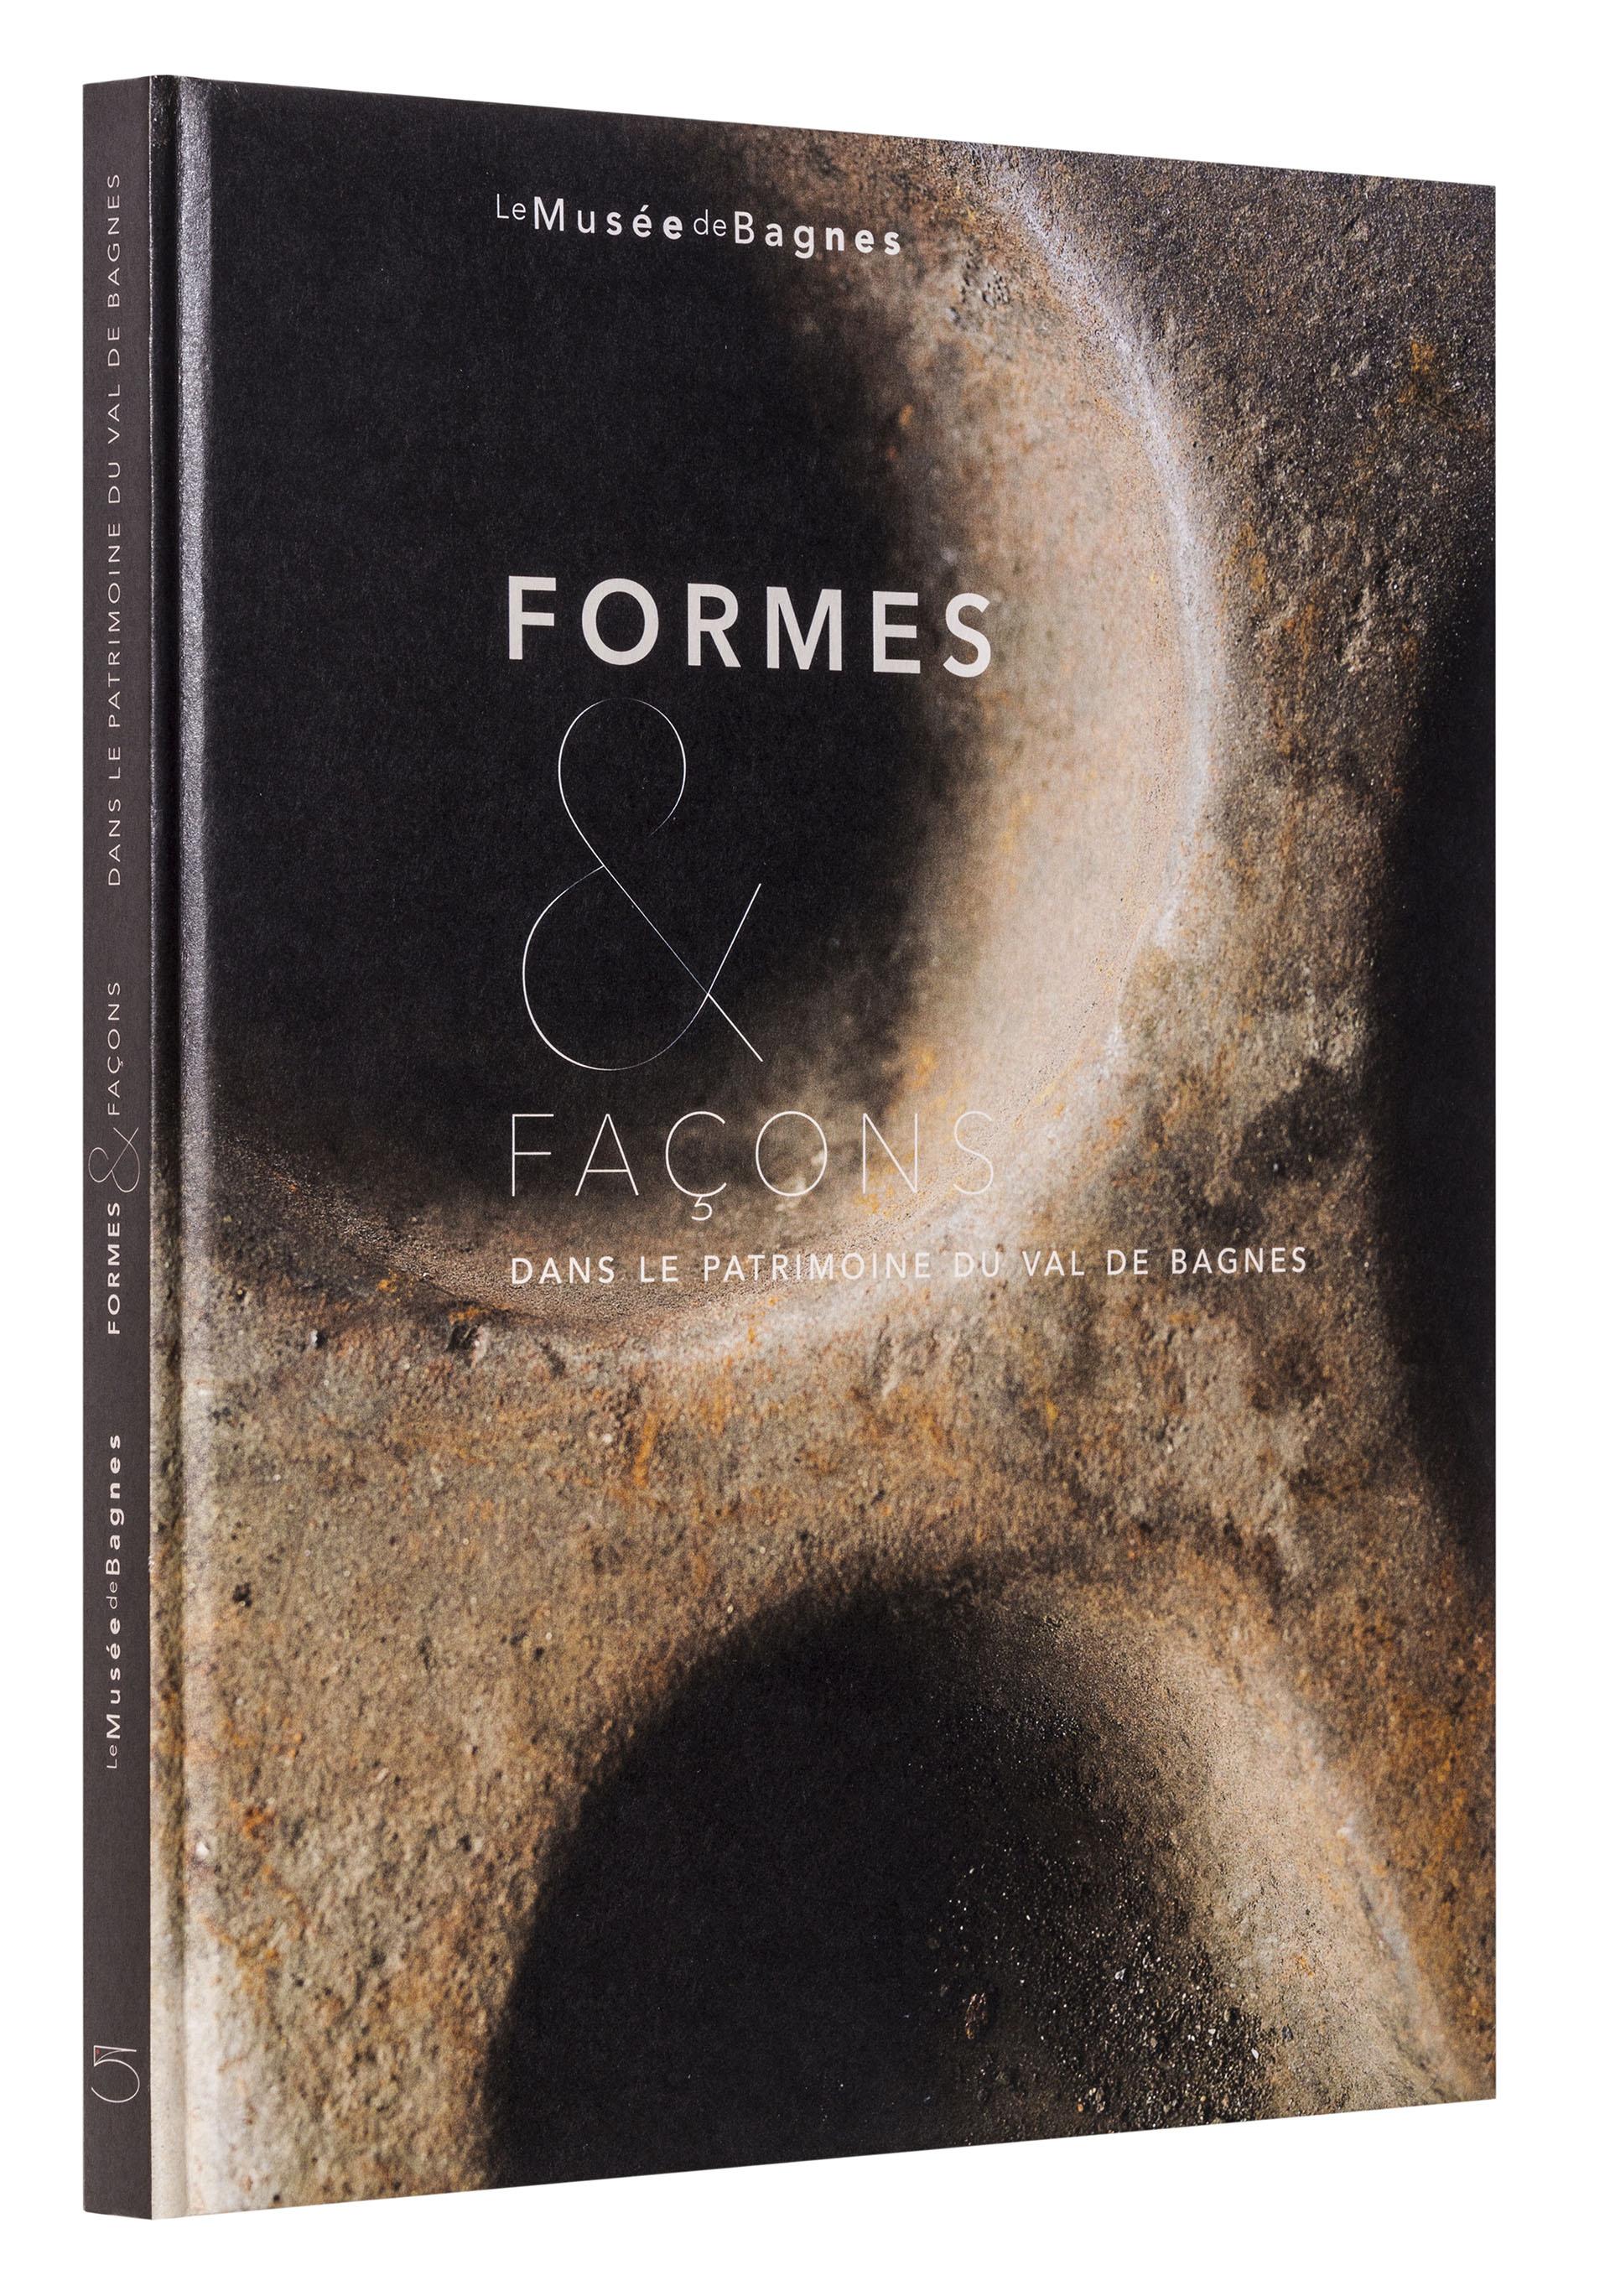 Formes & Façons